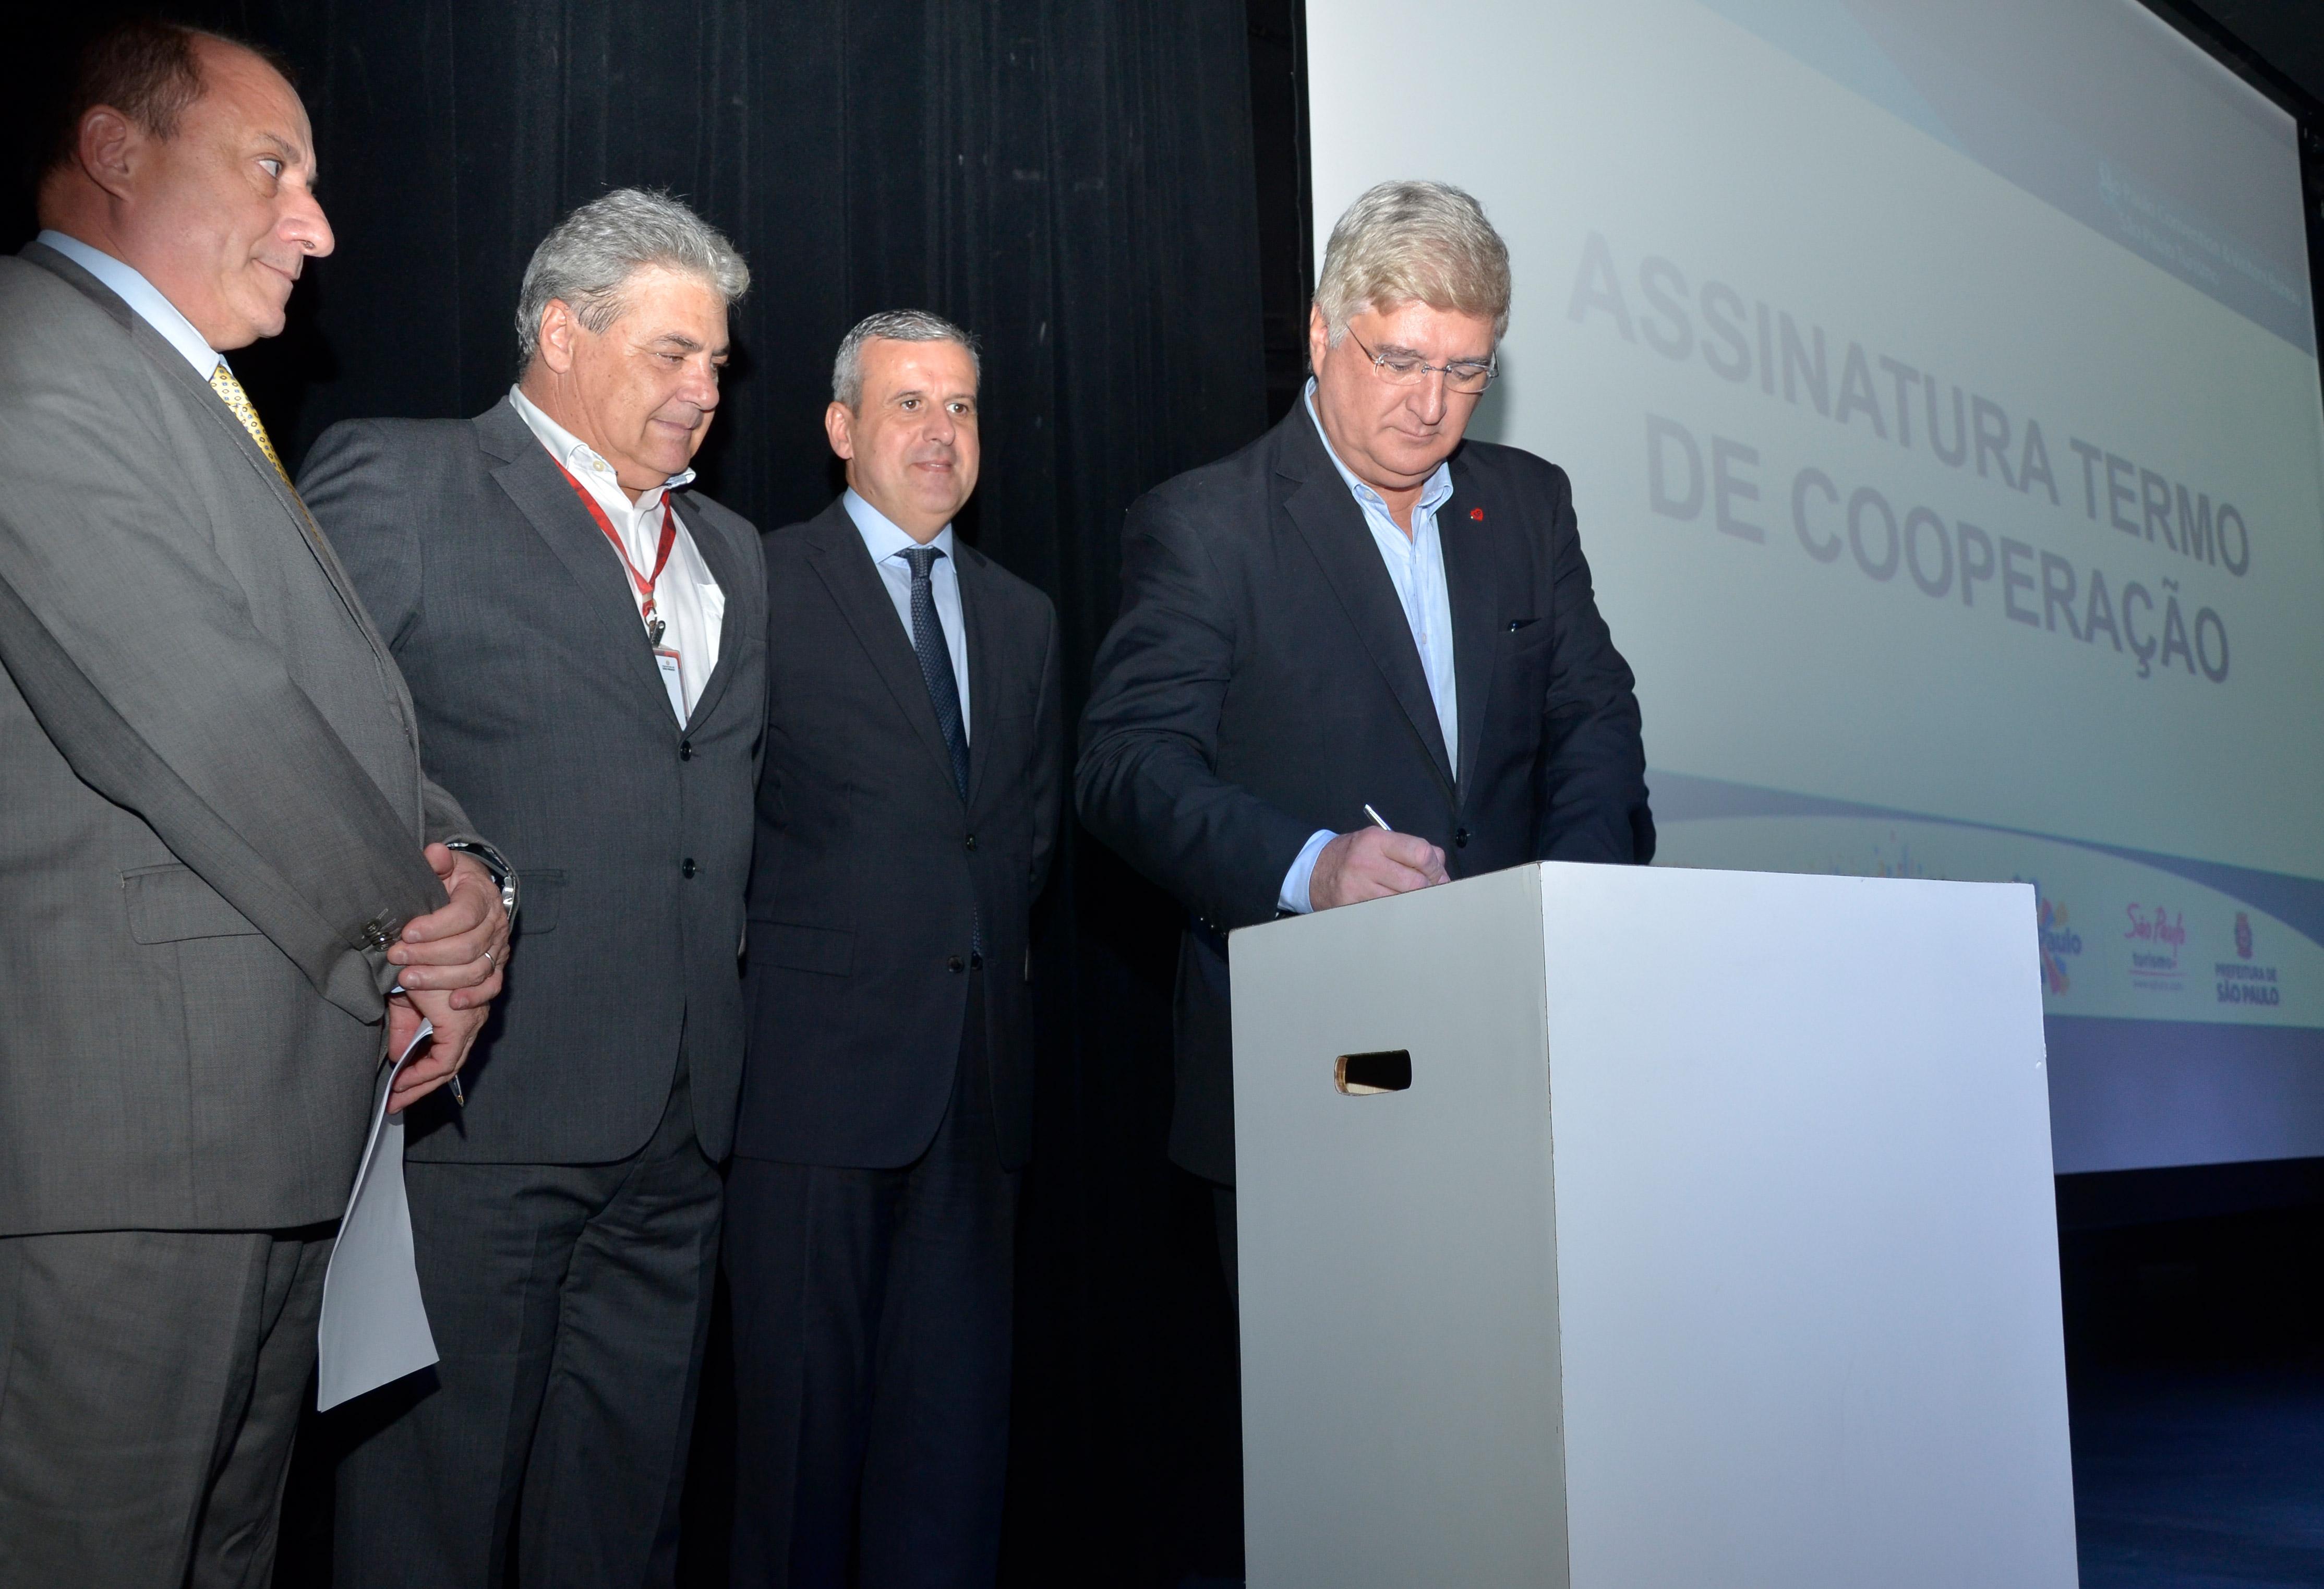 David Barioni assina o termo de cooperação com o SPCVB. Foto: Marcelo Iha/ SPTuris.